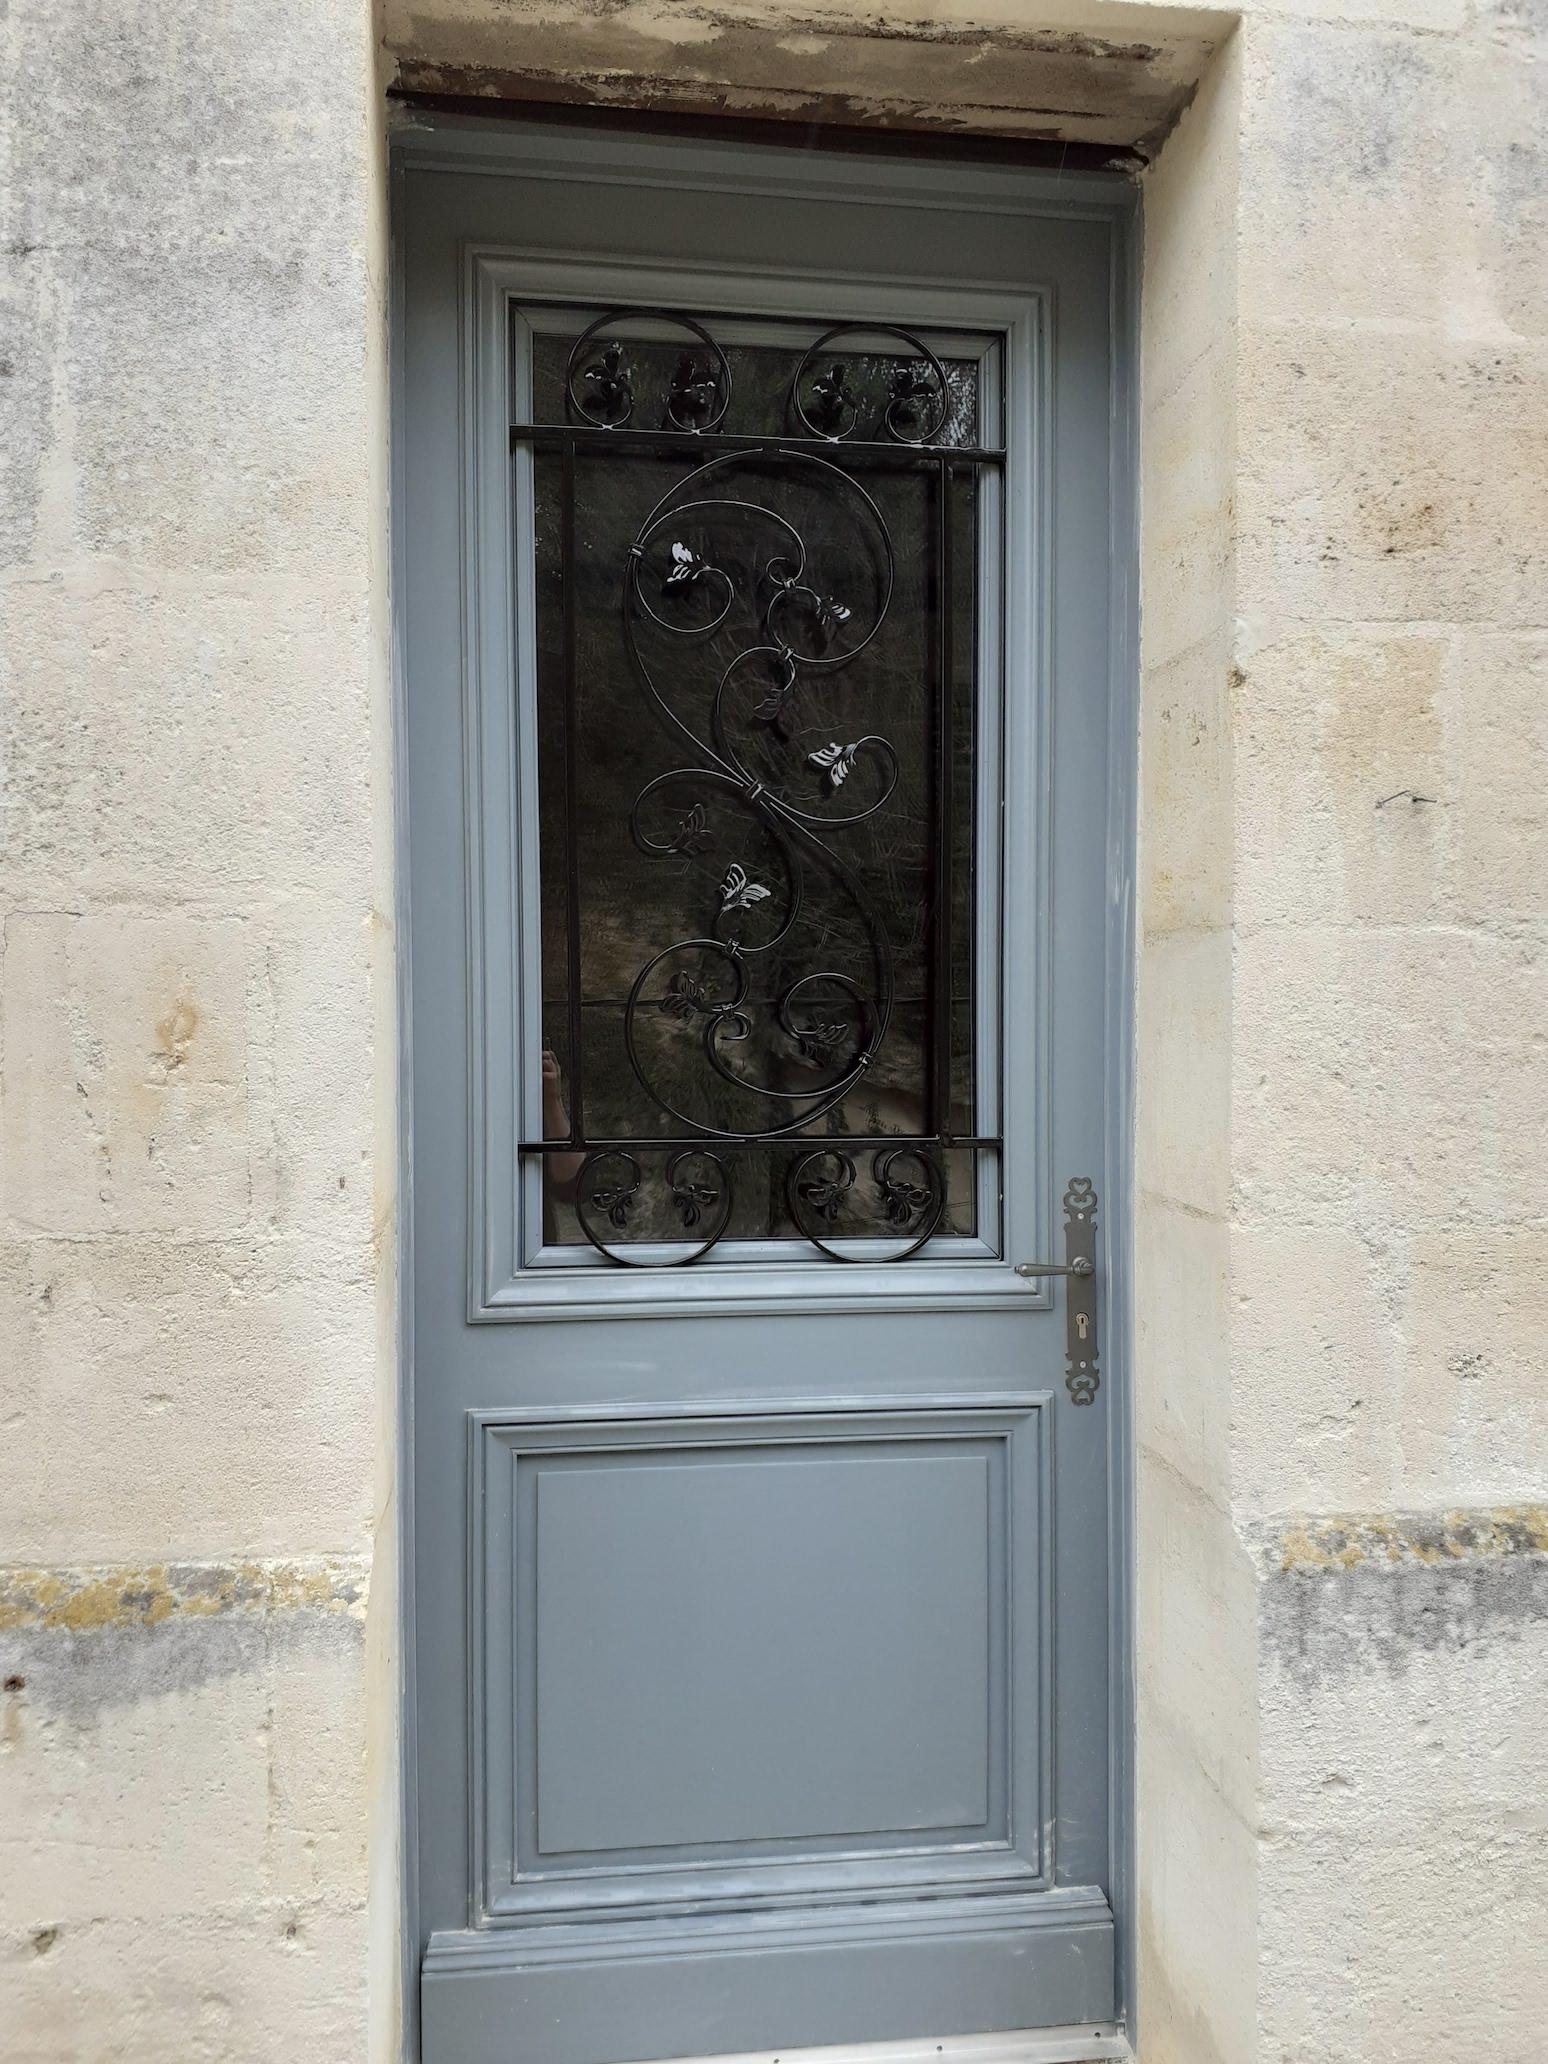 A la demande de notre client nous avons fabriqué sur mesure une grille de protection de porte avec décors de notre gamme finition thermolaquage 3 couches ral 9005. Localisation Gironde